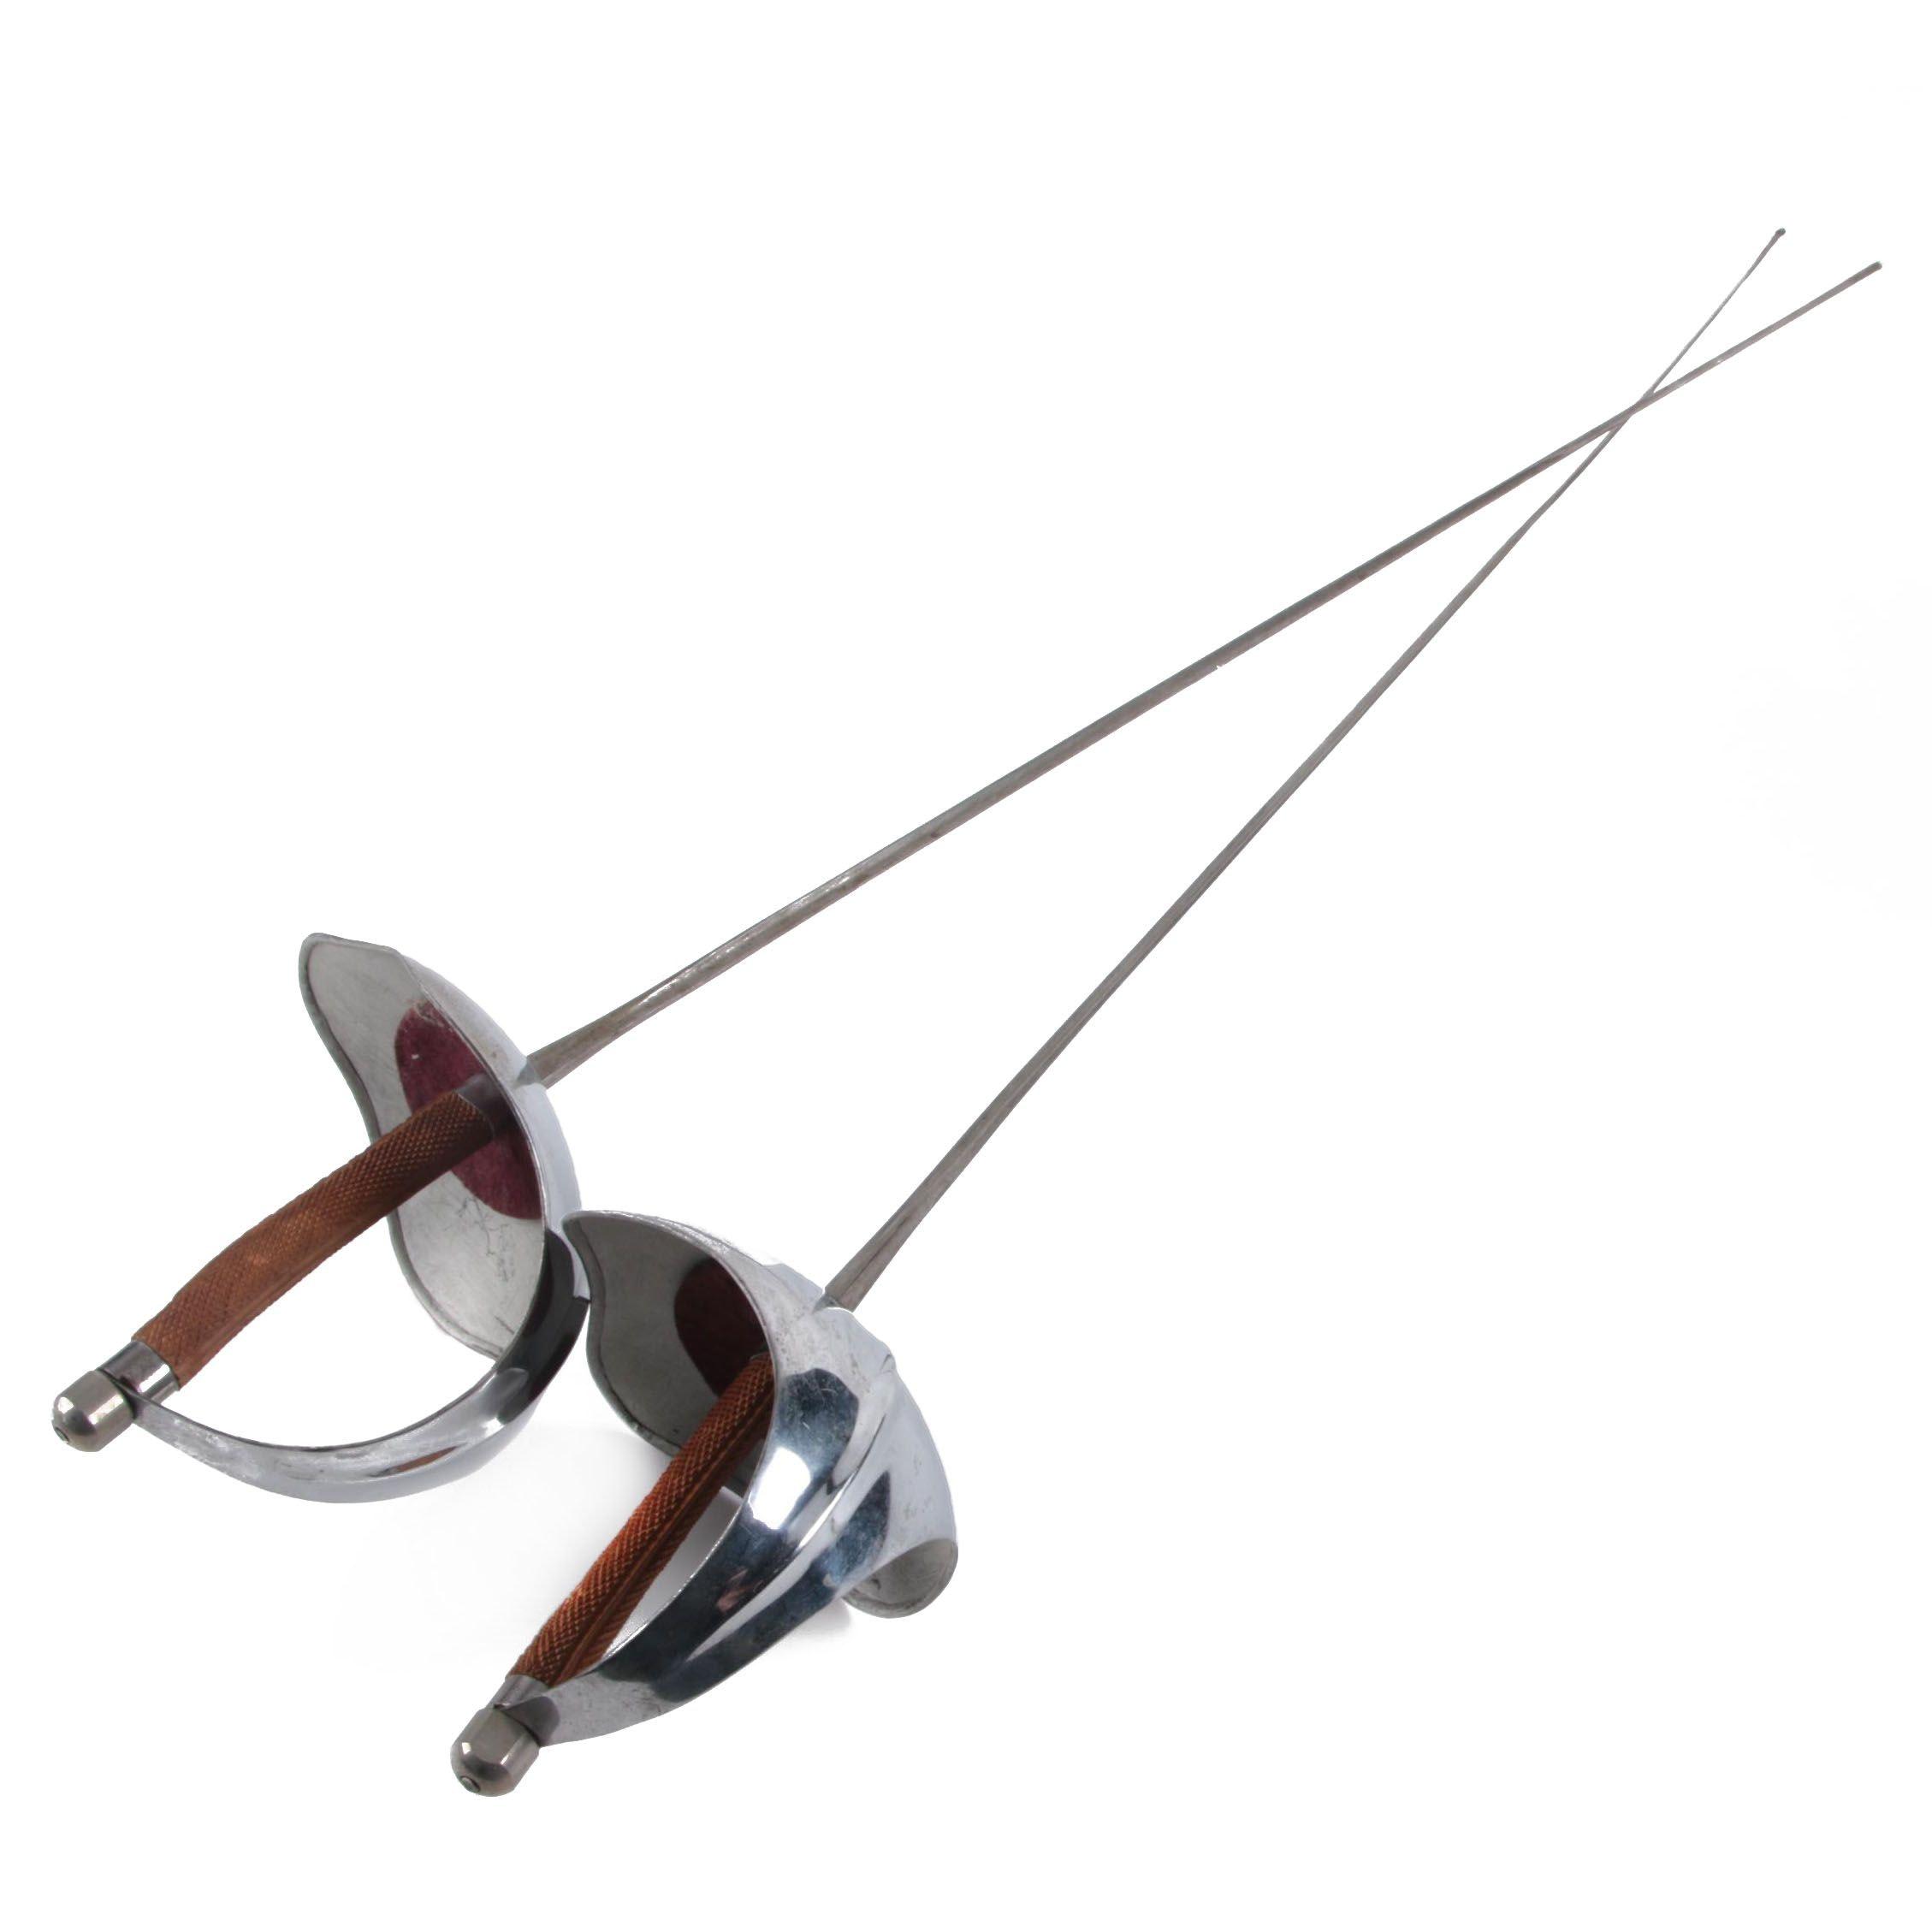 Fencing Sabres